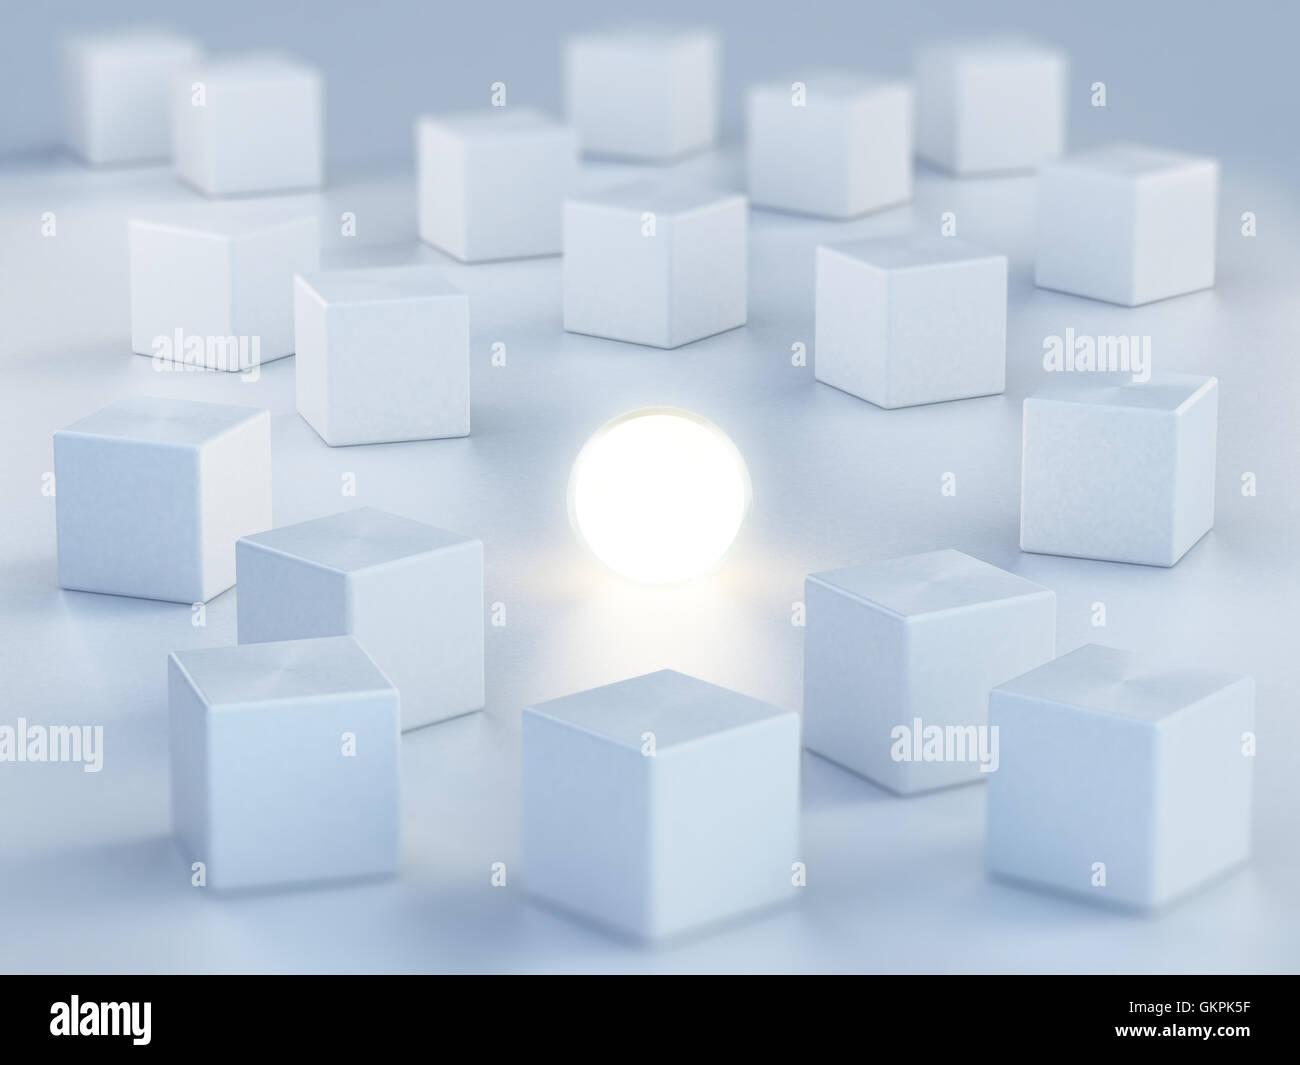 Sphere émettant de la lumière, parmi les boîtes. 3D illustration. Photo Stock